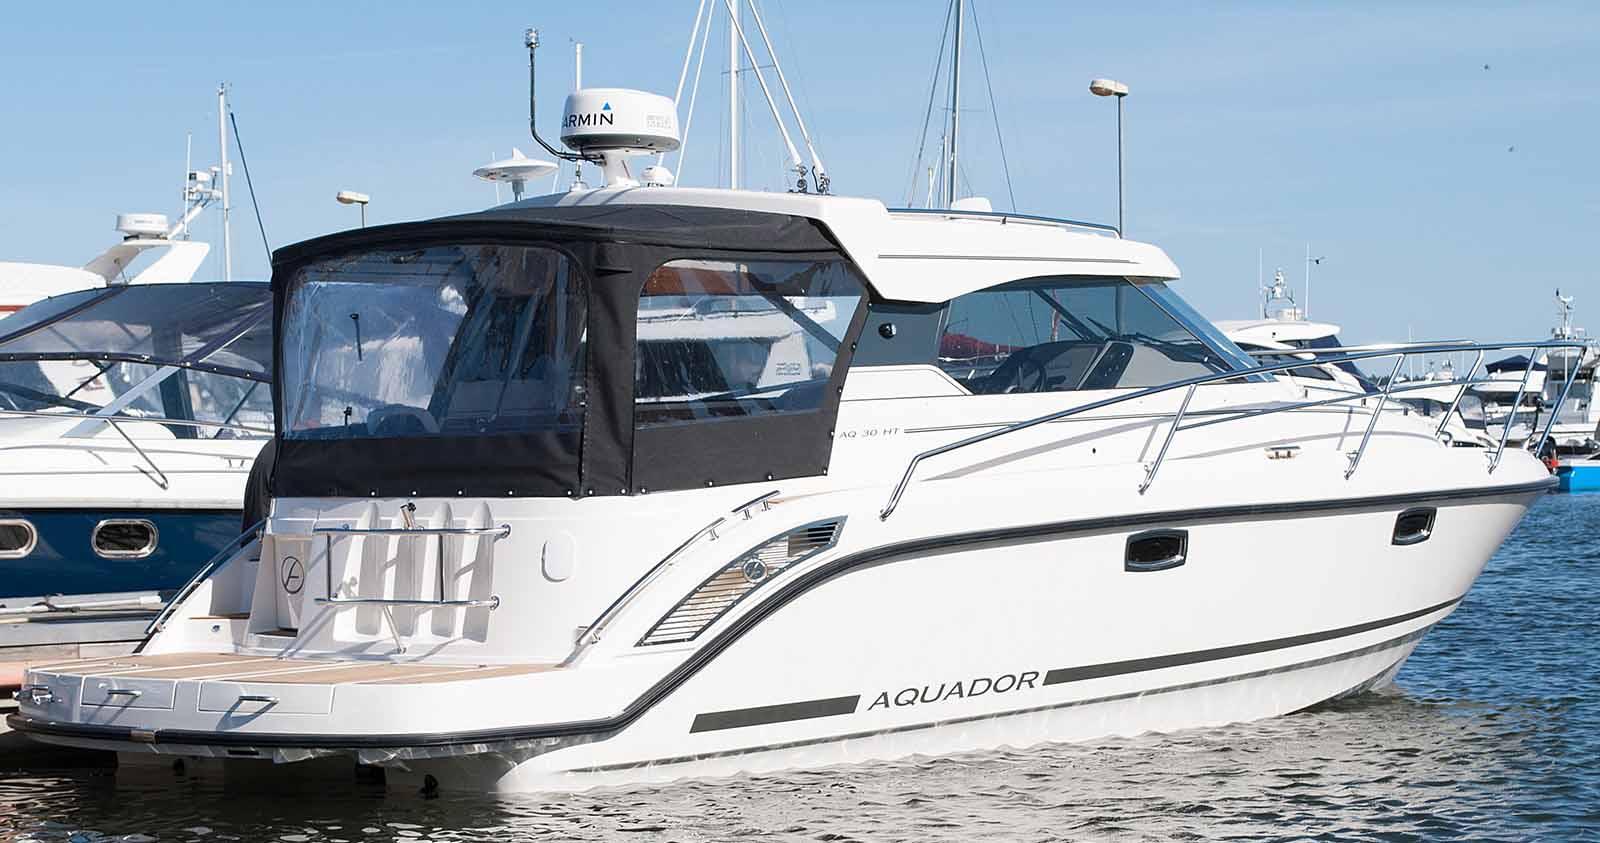 Aquador 30HT